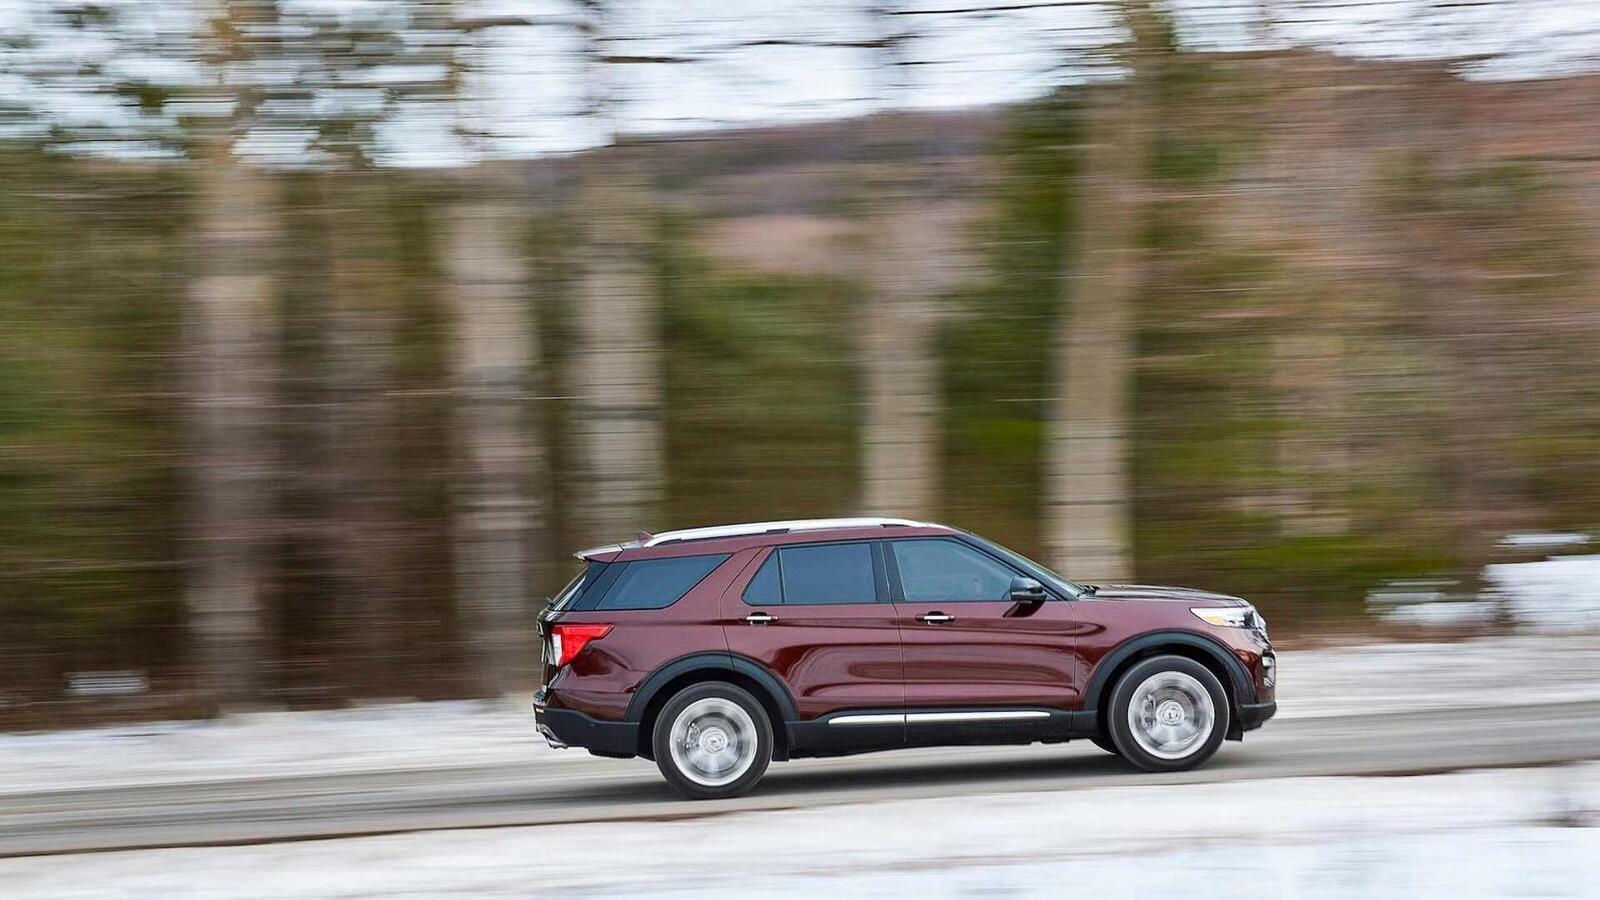 Ford Explorer 2020 thế hệ mới ra mắt; thiết kế mới và cải thiện khả năng vận hành - Hình 22